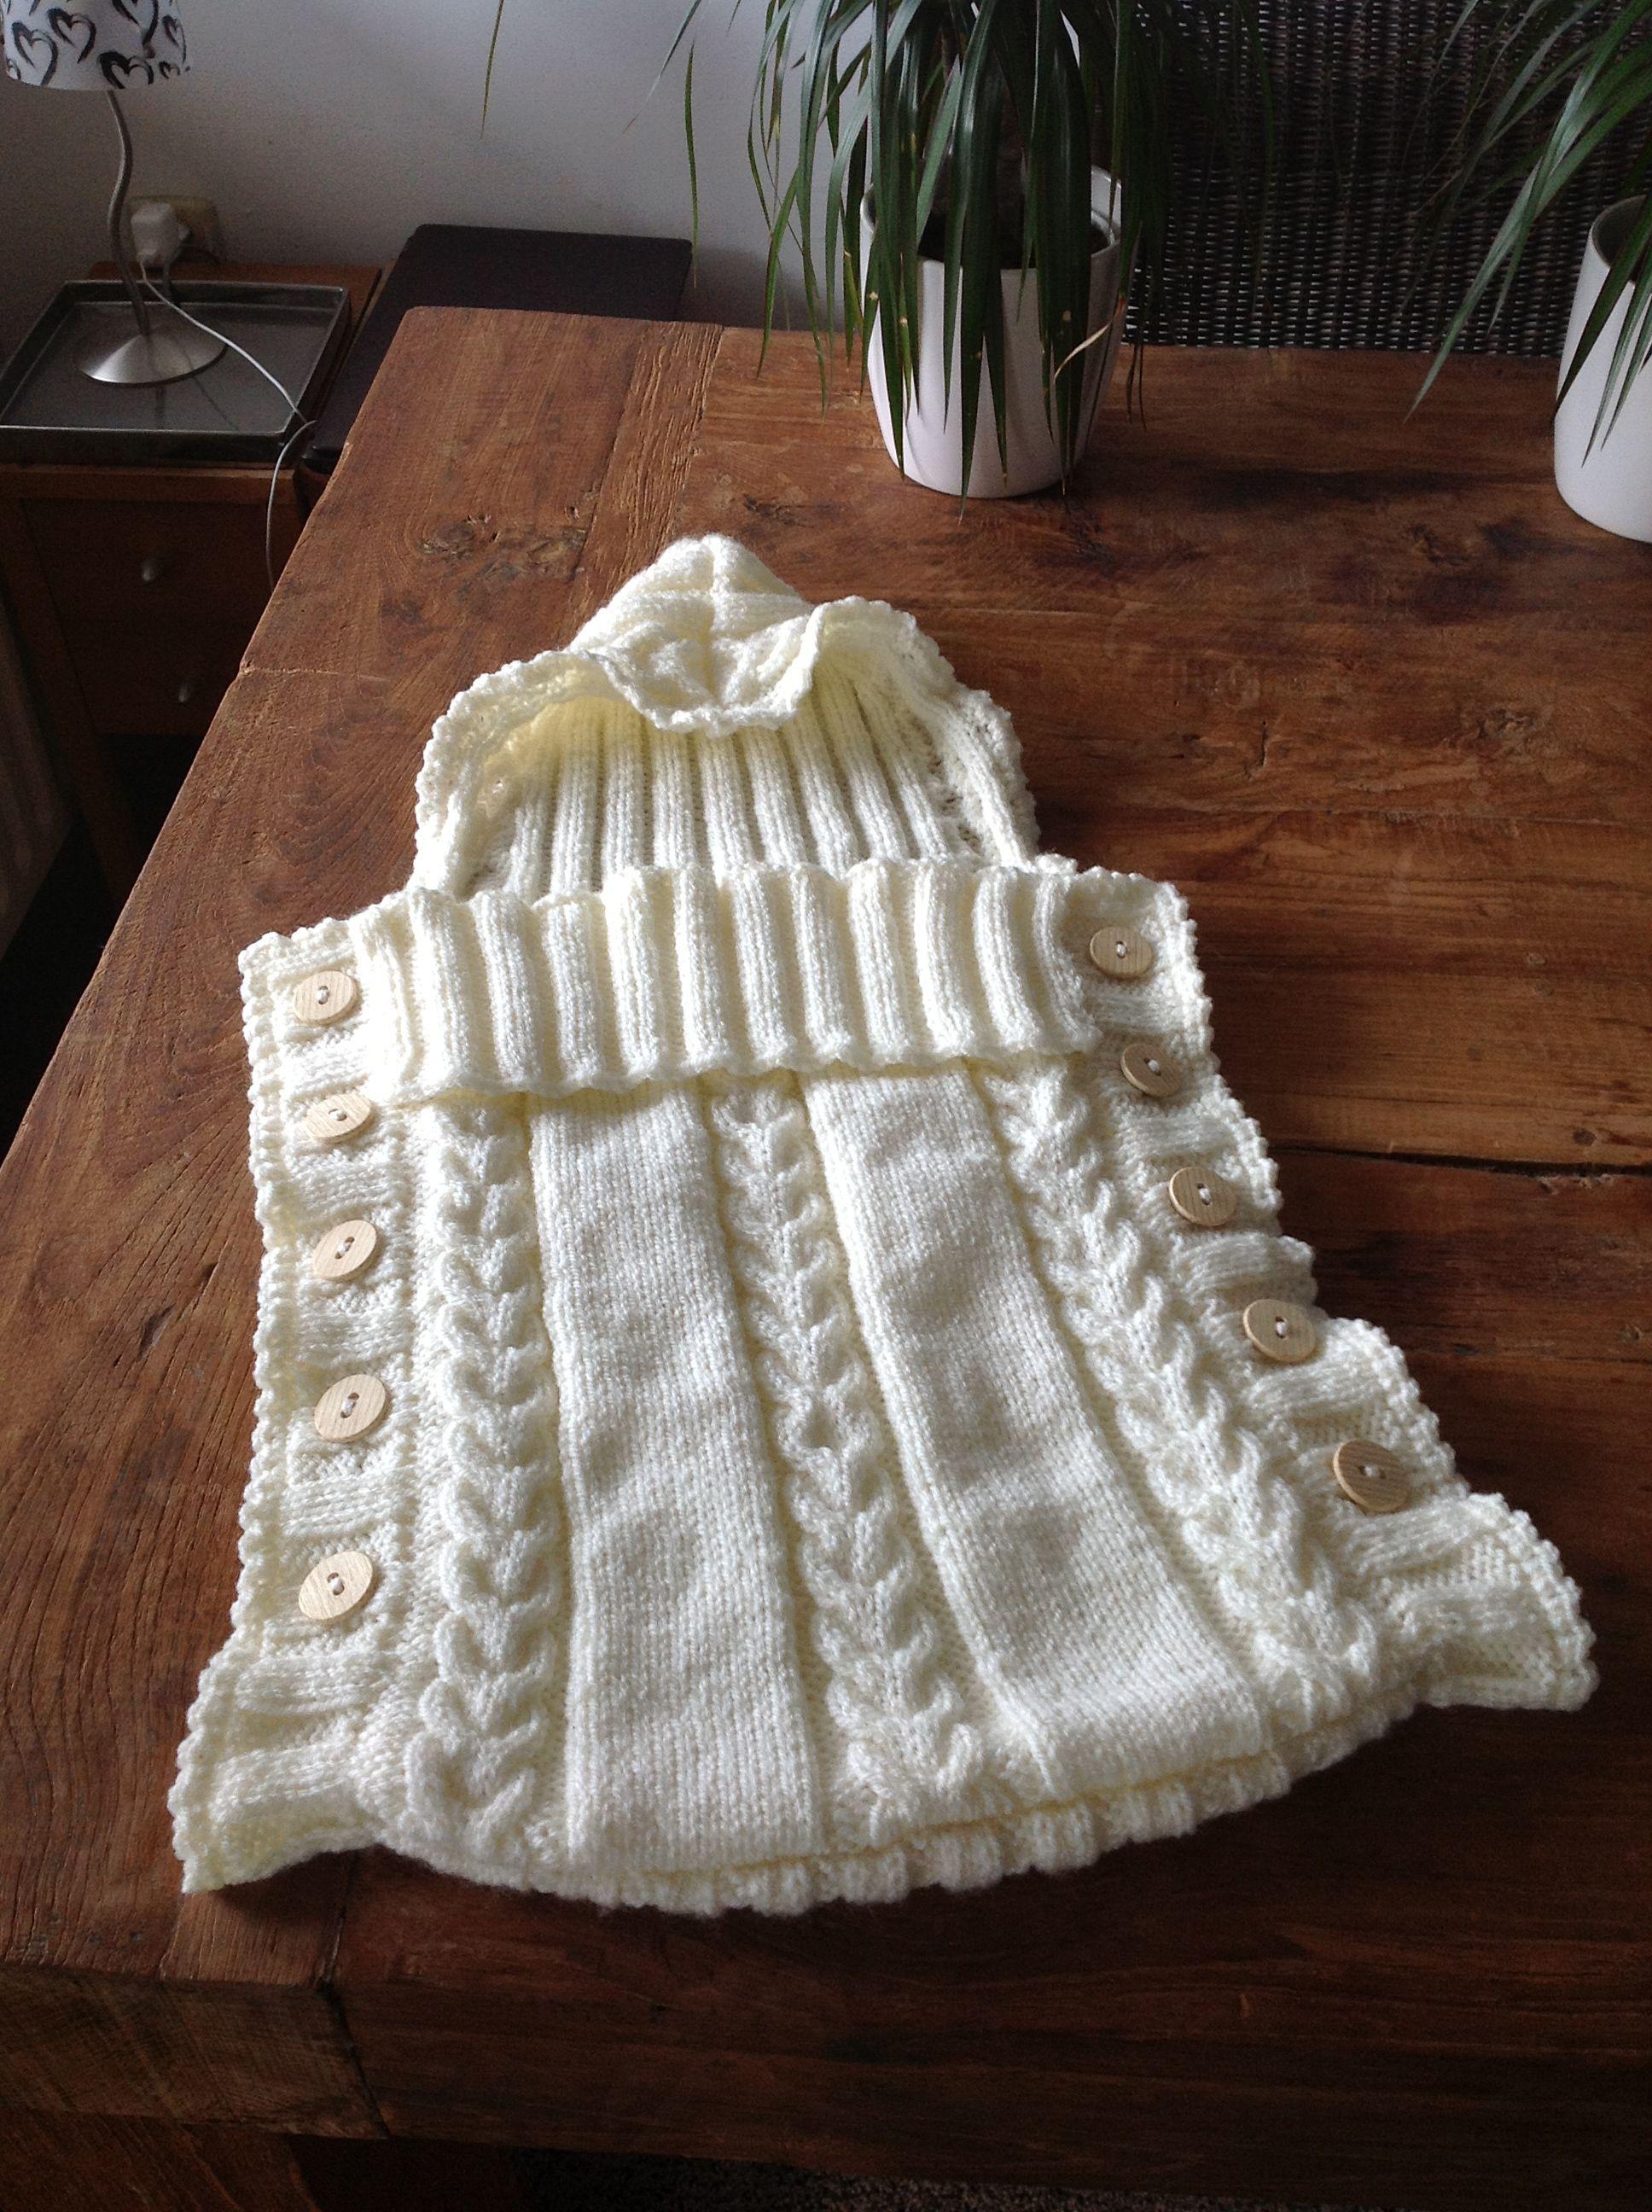 Crochet Pattern For Baby Sneakers : Baby sleeping bag knitt & crochet art Pinterest